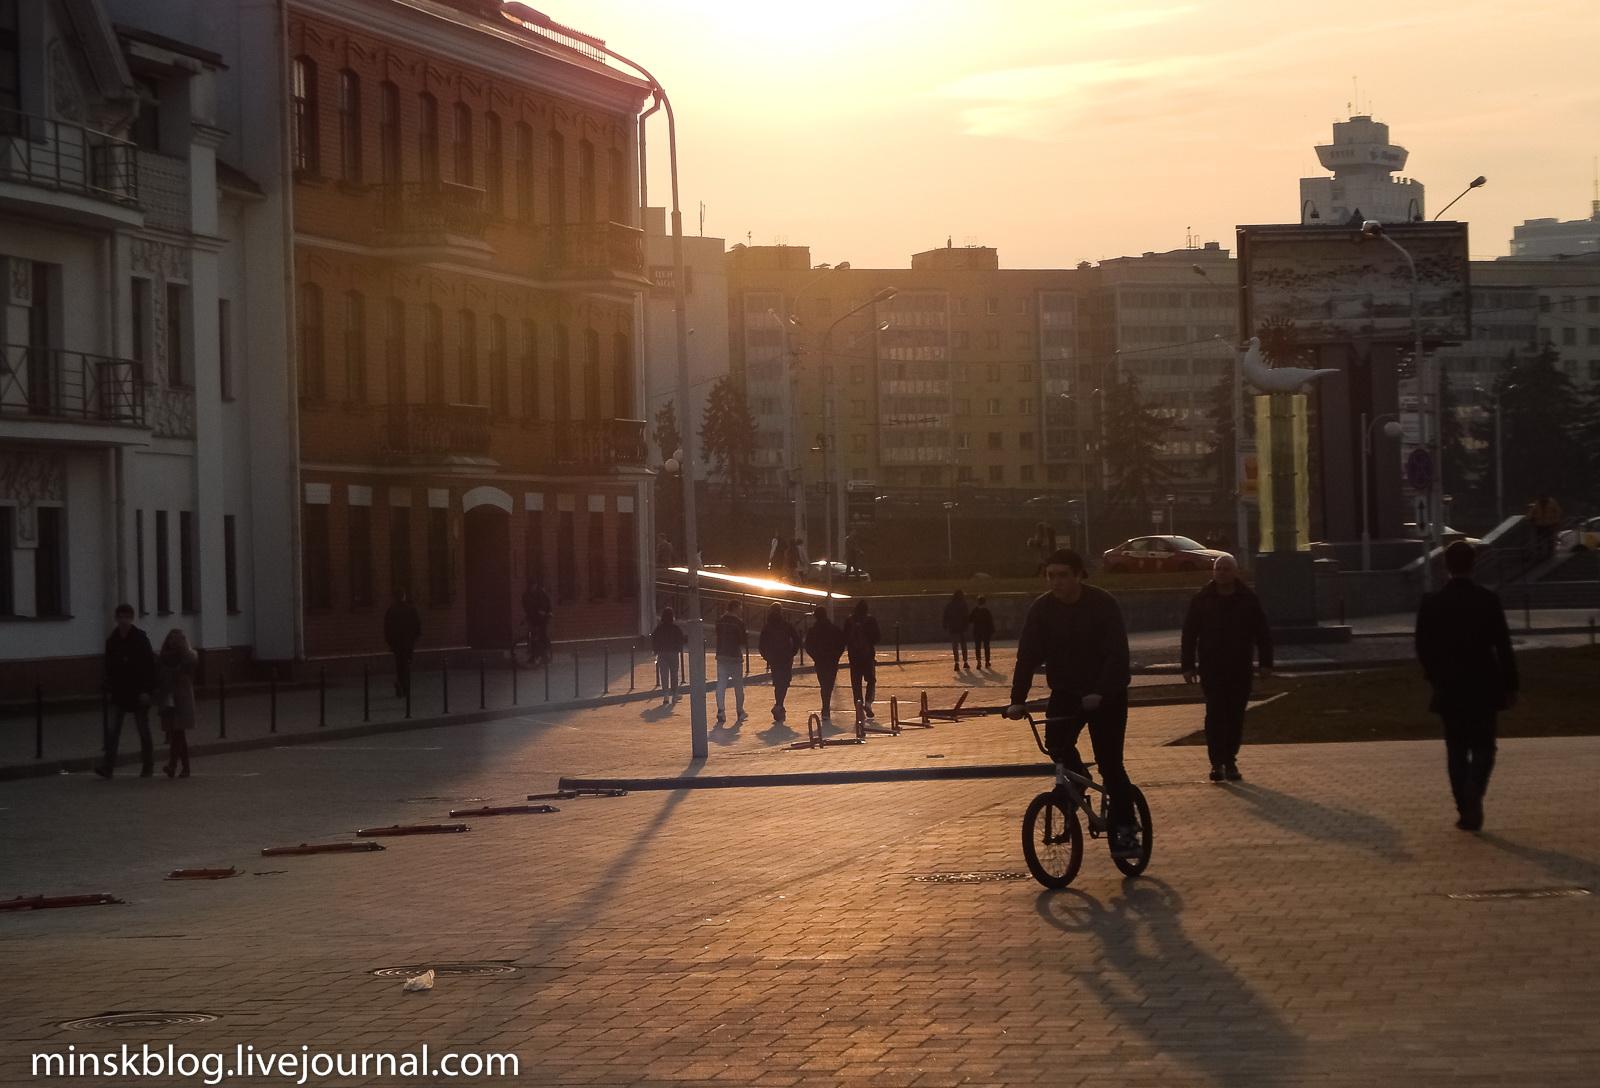 Как живет Беларусь - последняя страна не пораженная коронапсихозом